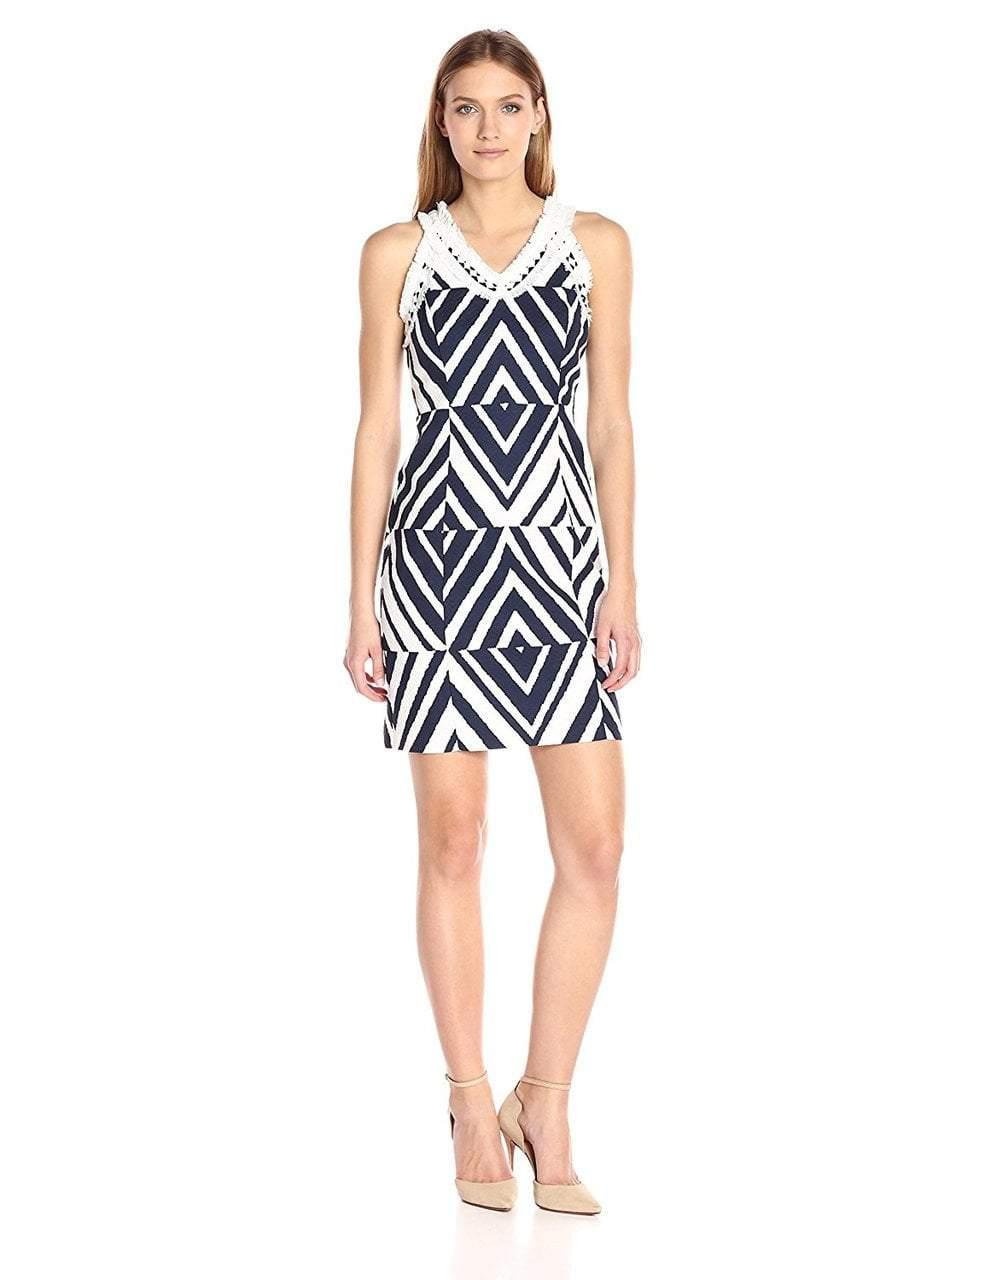 Taylor - Embellished Halter Neck Dress 8736M